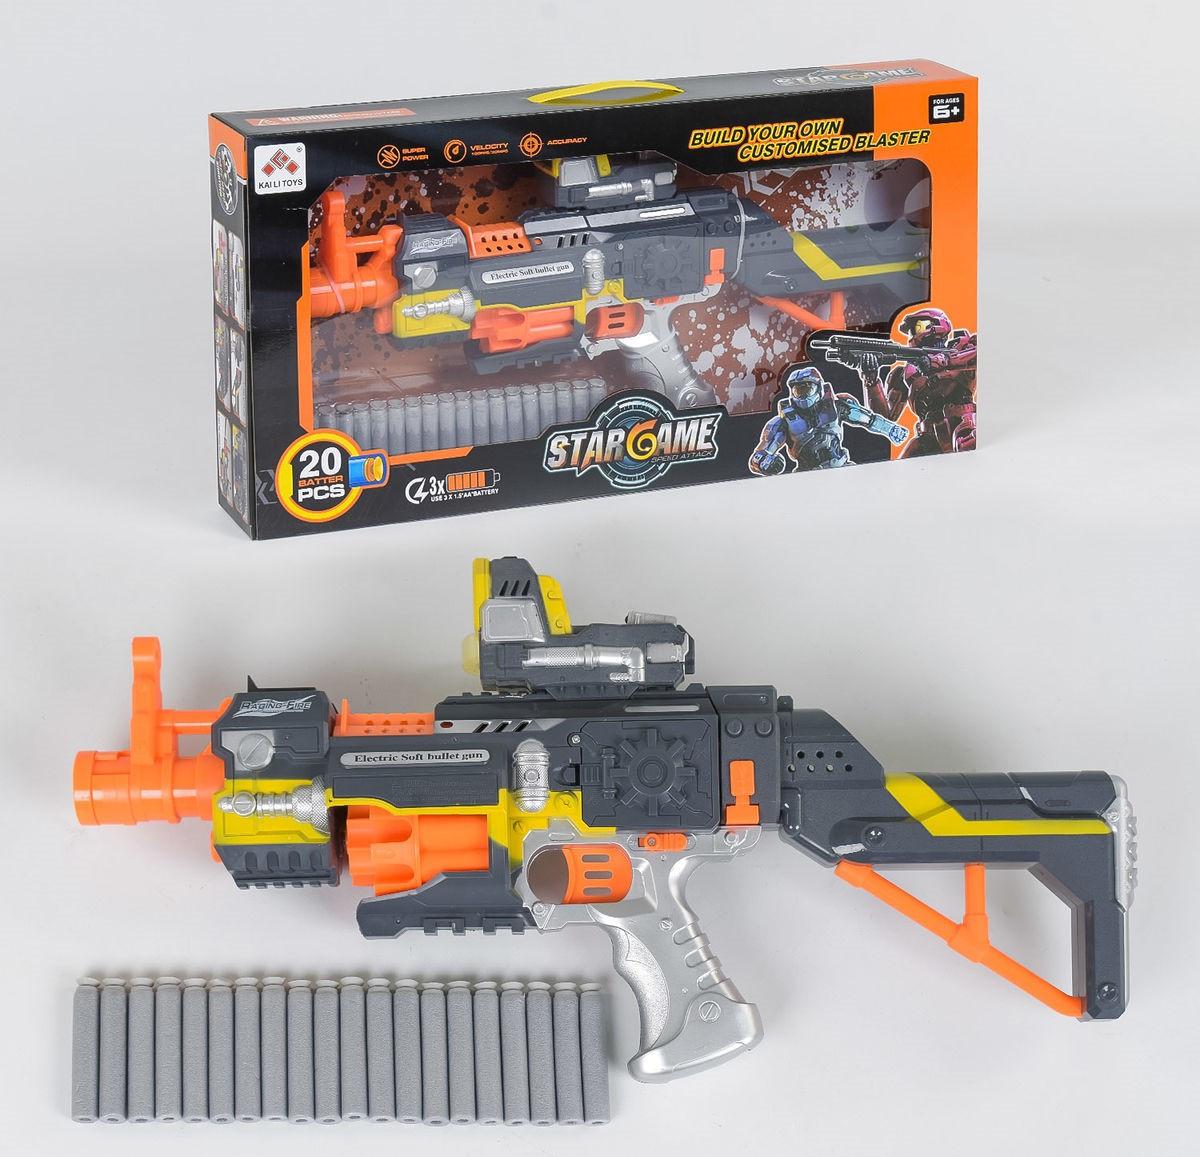 Автомат с мягкими пулями, звук, на батарейках Детское ружьё Детское оружие Игрушечный автомат